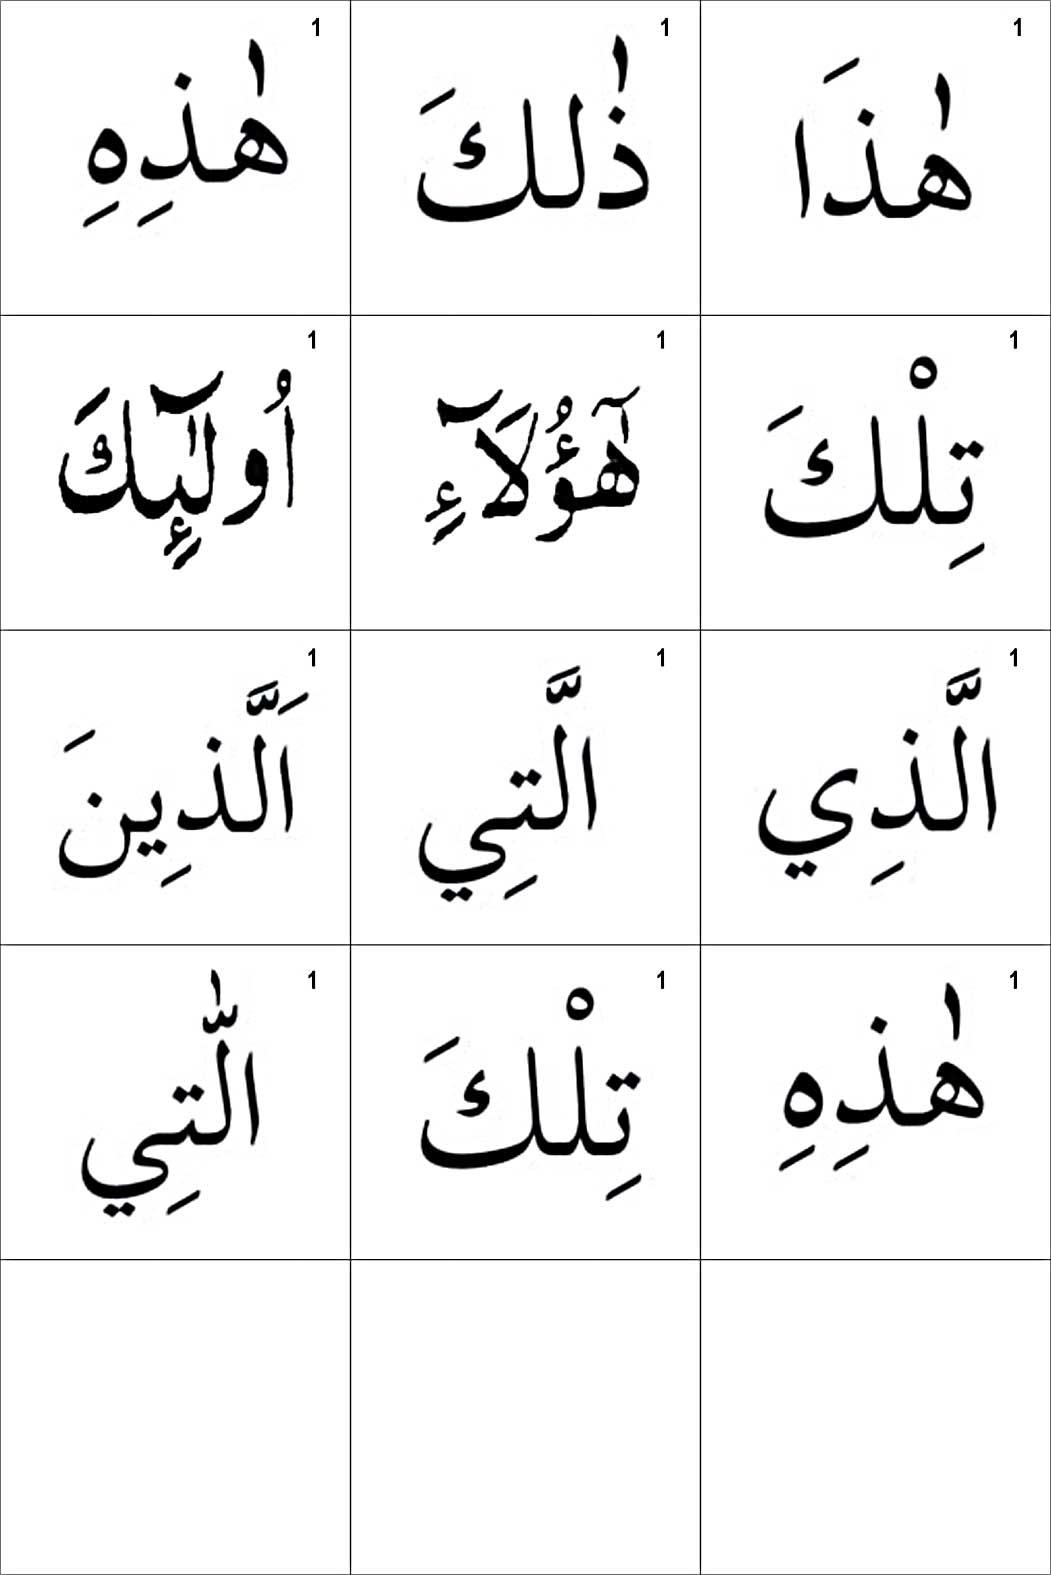 Арабский язык книга для начинающих скачать бесплатно